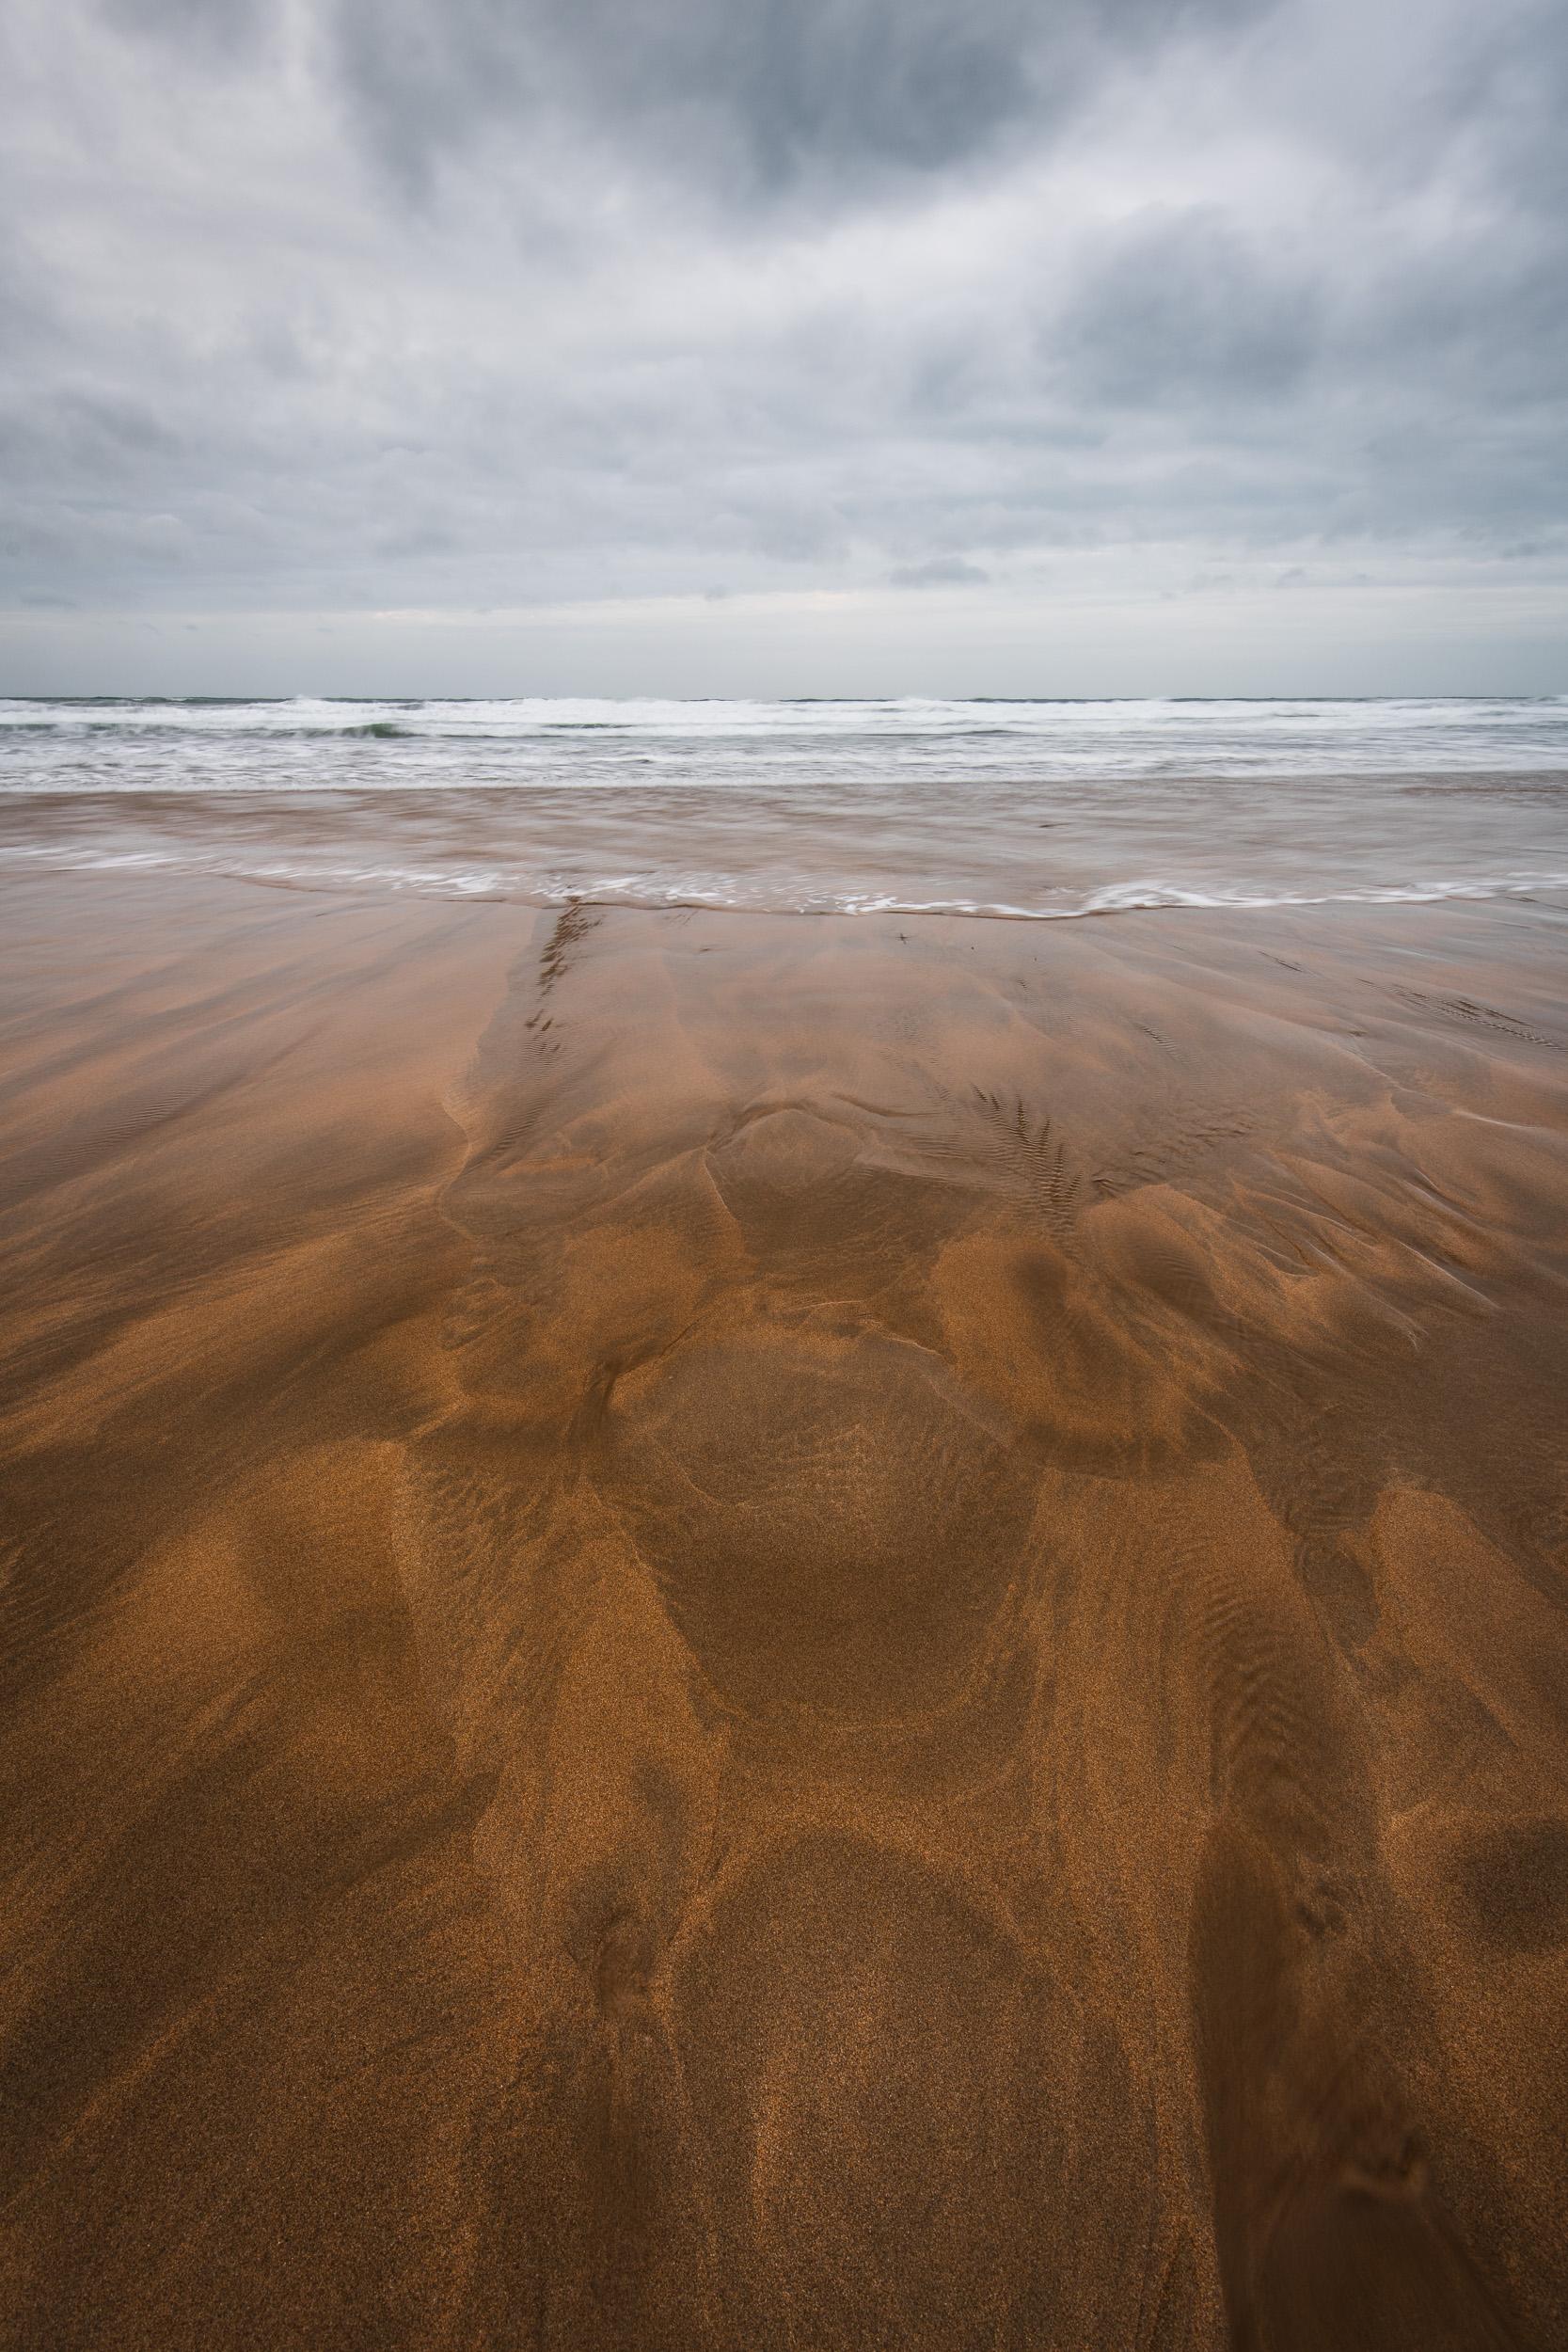 Sandy Textures - Sandymouth Beach, Cornwall